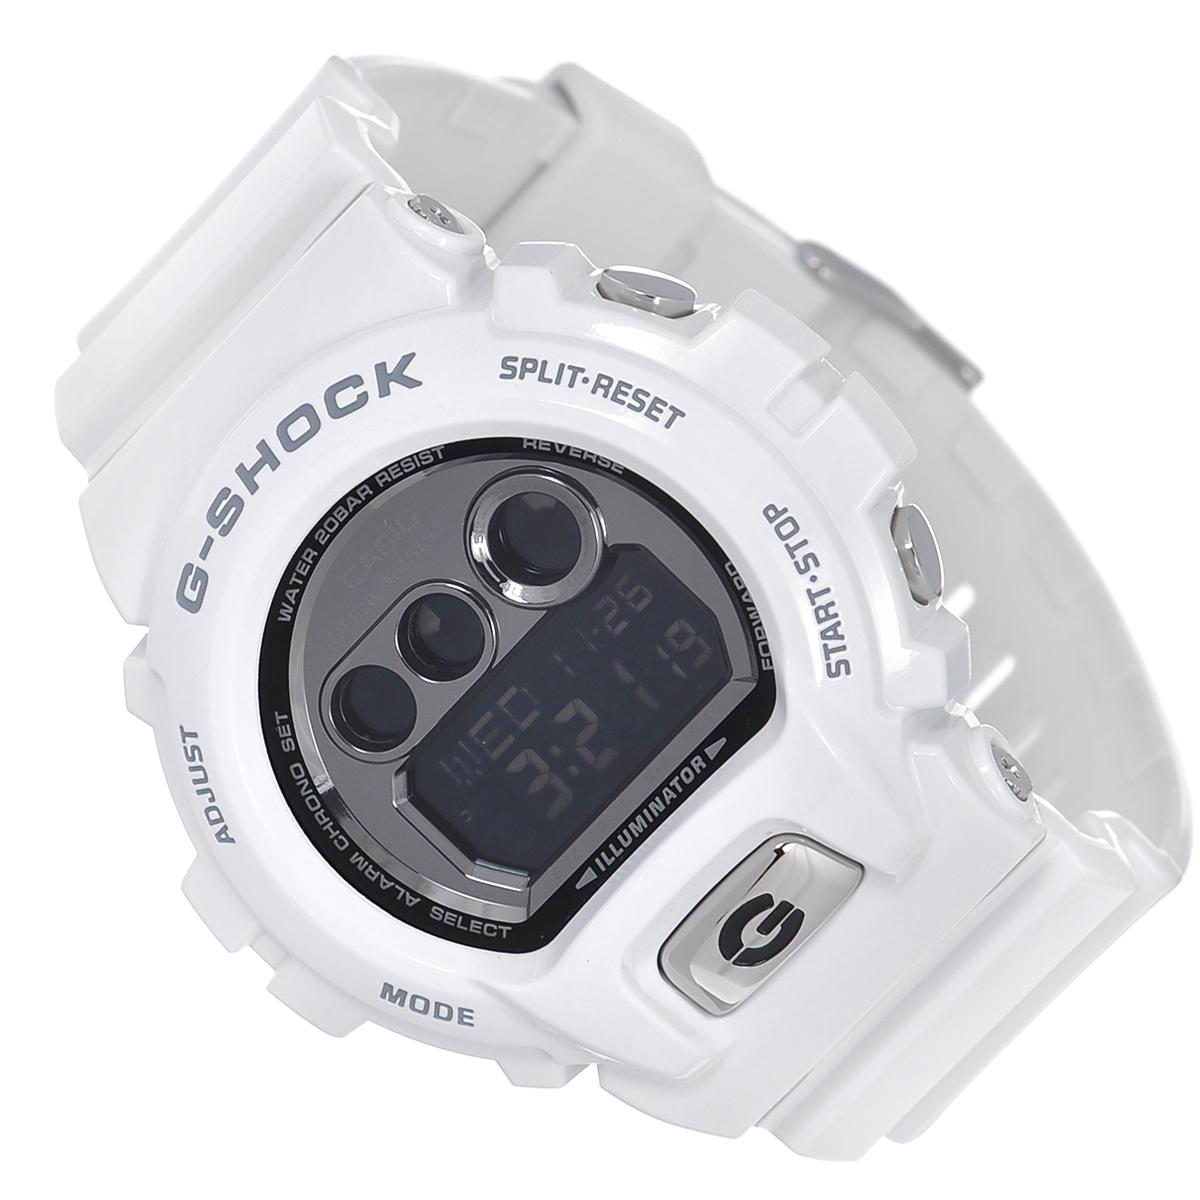 Часы мужские наручные Casio G-Shock, цвет: белый. GD-X6900FB-7EGD-X6900FB-7EСтильные кварцевые часы G-Shock от японского брэнда Casio - это яркий функциональный аксессуар для современных людей, которые стремятся выделиться из толпы и подчеркнуть свою индивидуальность. Часы выполнены в спортивном стиле. Корпус имеет ударопрочную конструкцию, защищающую механизм от ударов и вибрации. Циферблат подсвечивается светодиодной автоматической подсветкой. При движении руки дисплей освещается ярким светом. Ремешок из пластика имеет классическую застежку. Основные функции: - 3 будильника, один с функцией Snooze, ежечасный сигнал; - автоматический календарь (число, месяц, день недели, год); - секундомер с точностью показаний 1/100 с и временем измерения 24 ч; - мировое время; - таймер обратного отсчета от 1 мин до 24 ч с автоповтором; - 12-ти и 24-х часовой формат времени; - сплит-хронограф; - типы сигналов: ежедневный, ежемесячный, каждый день определенного...